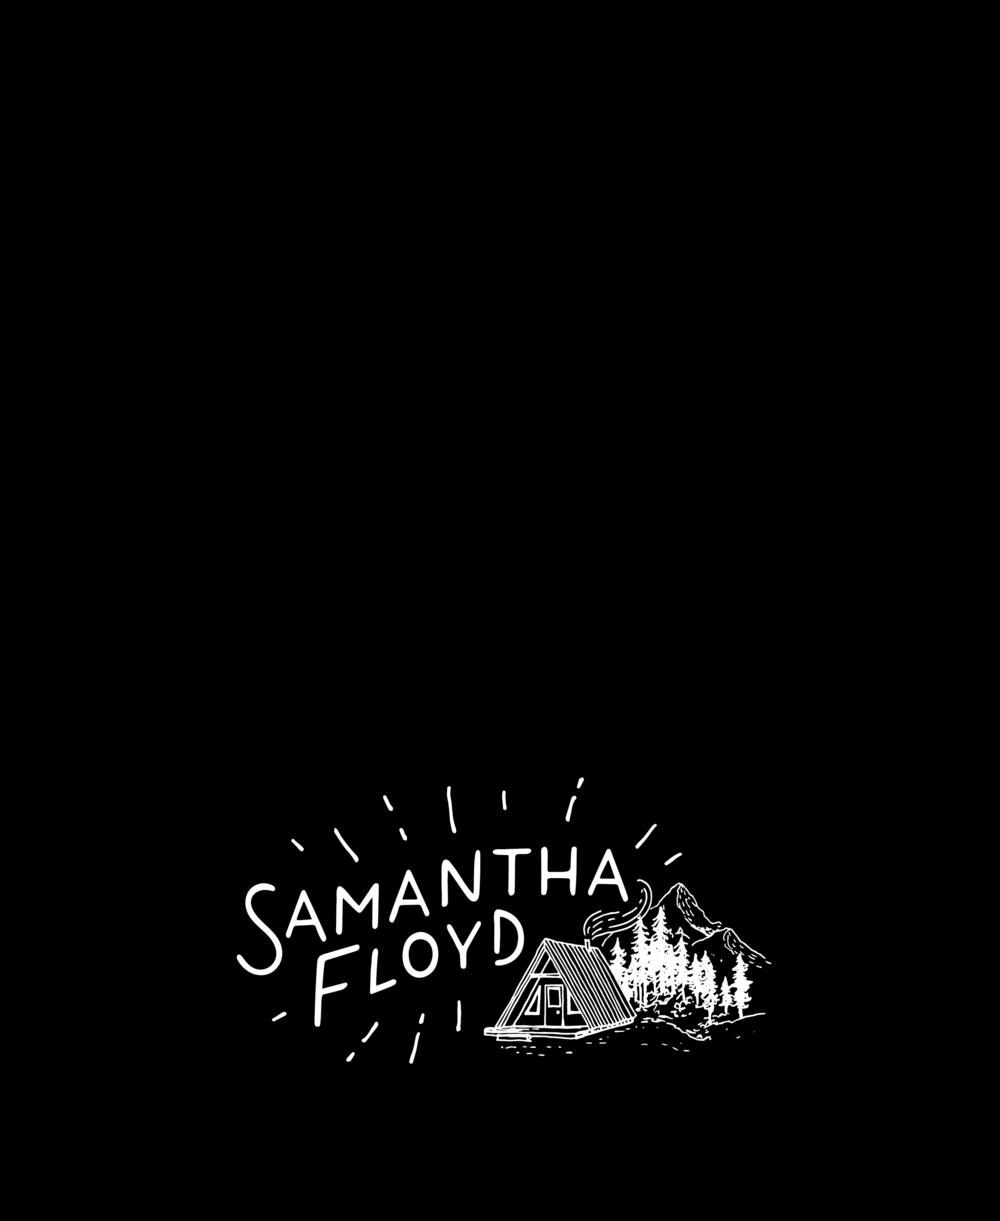 Samantha Flyod 8-07.png